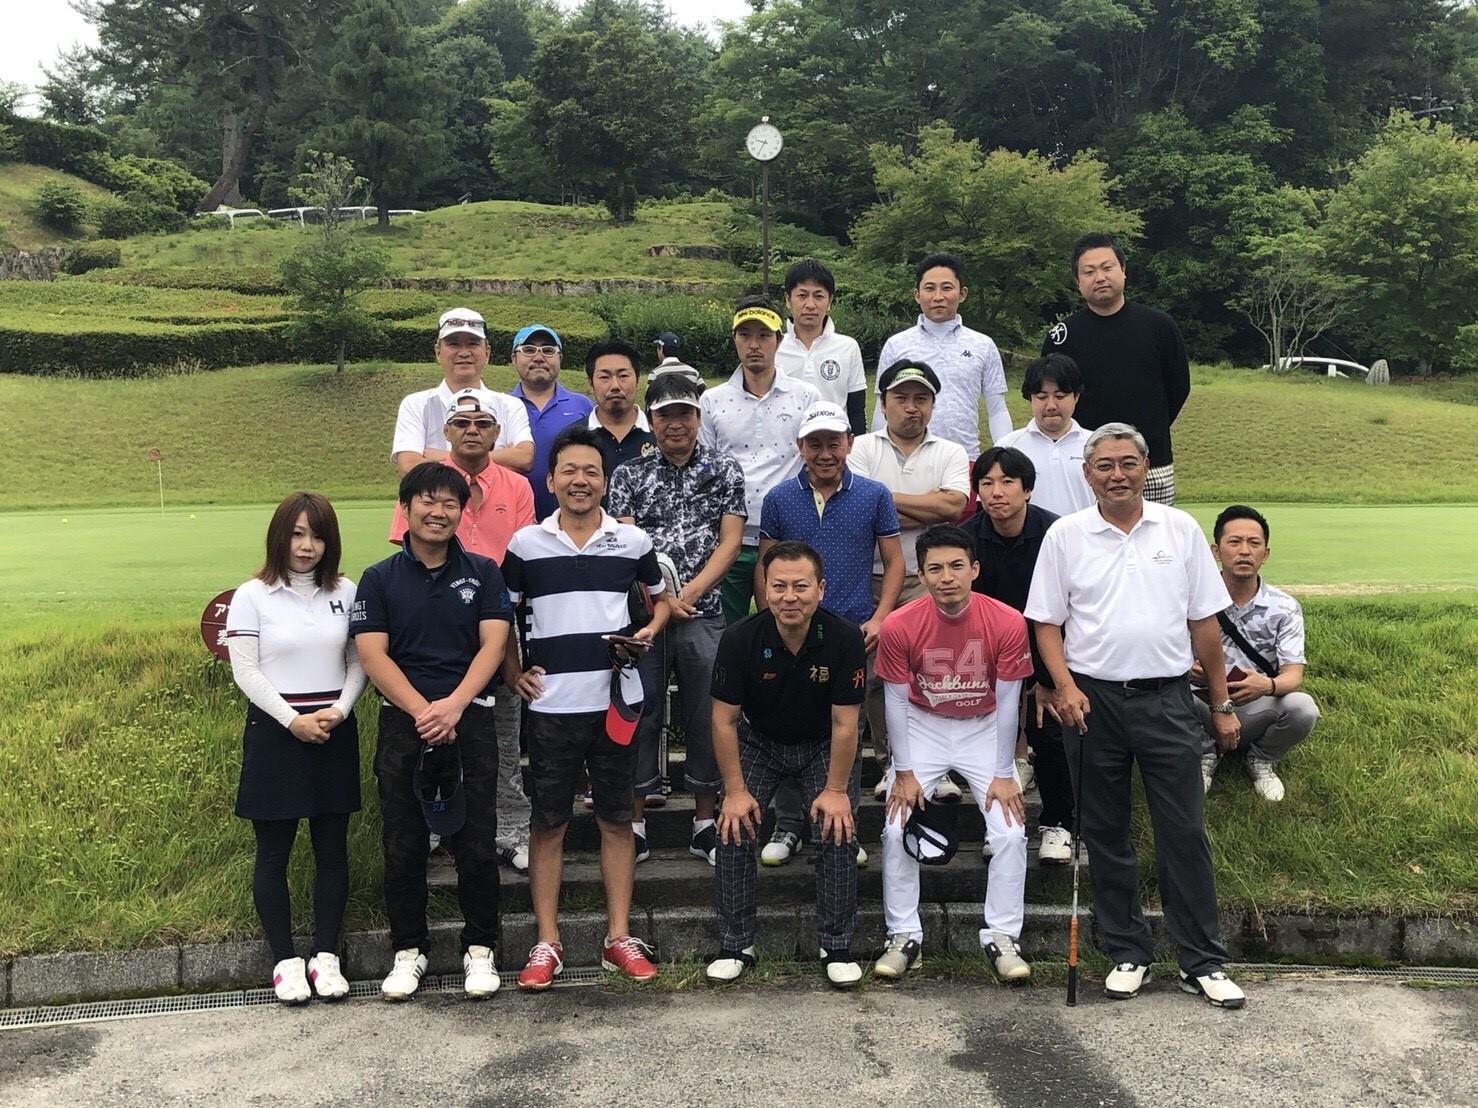 東支部青年部会「春のゴルフコンペ」